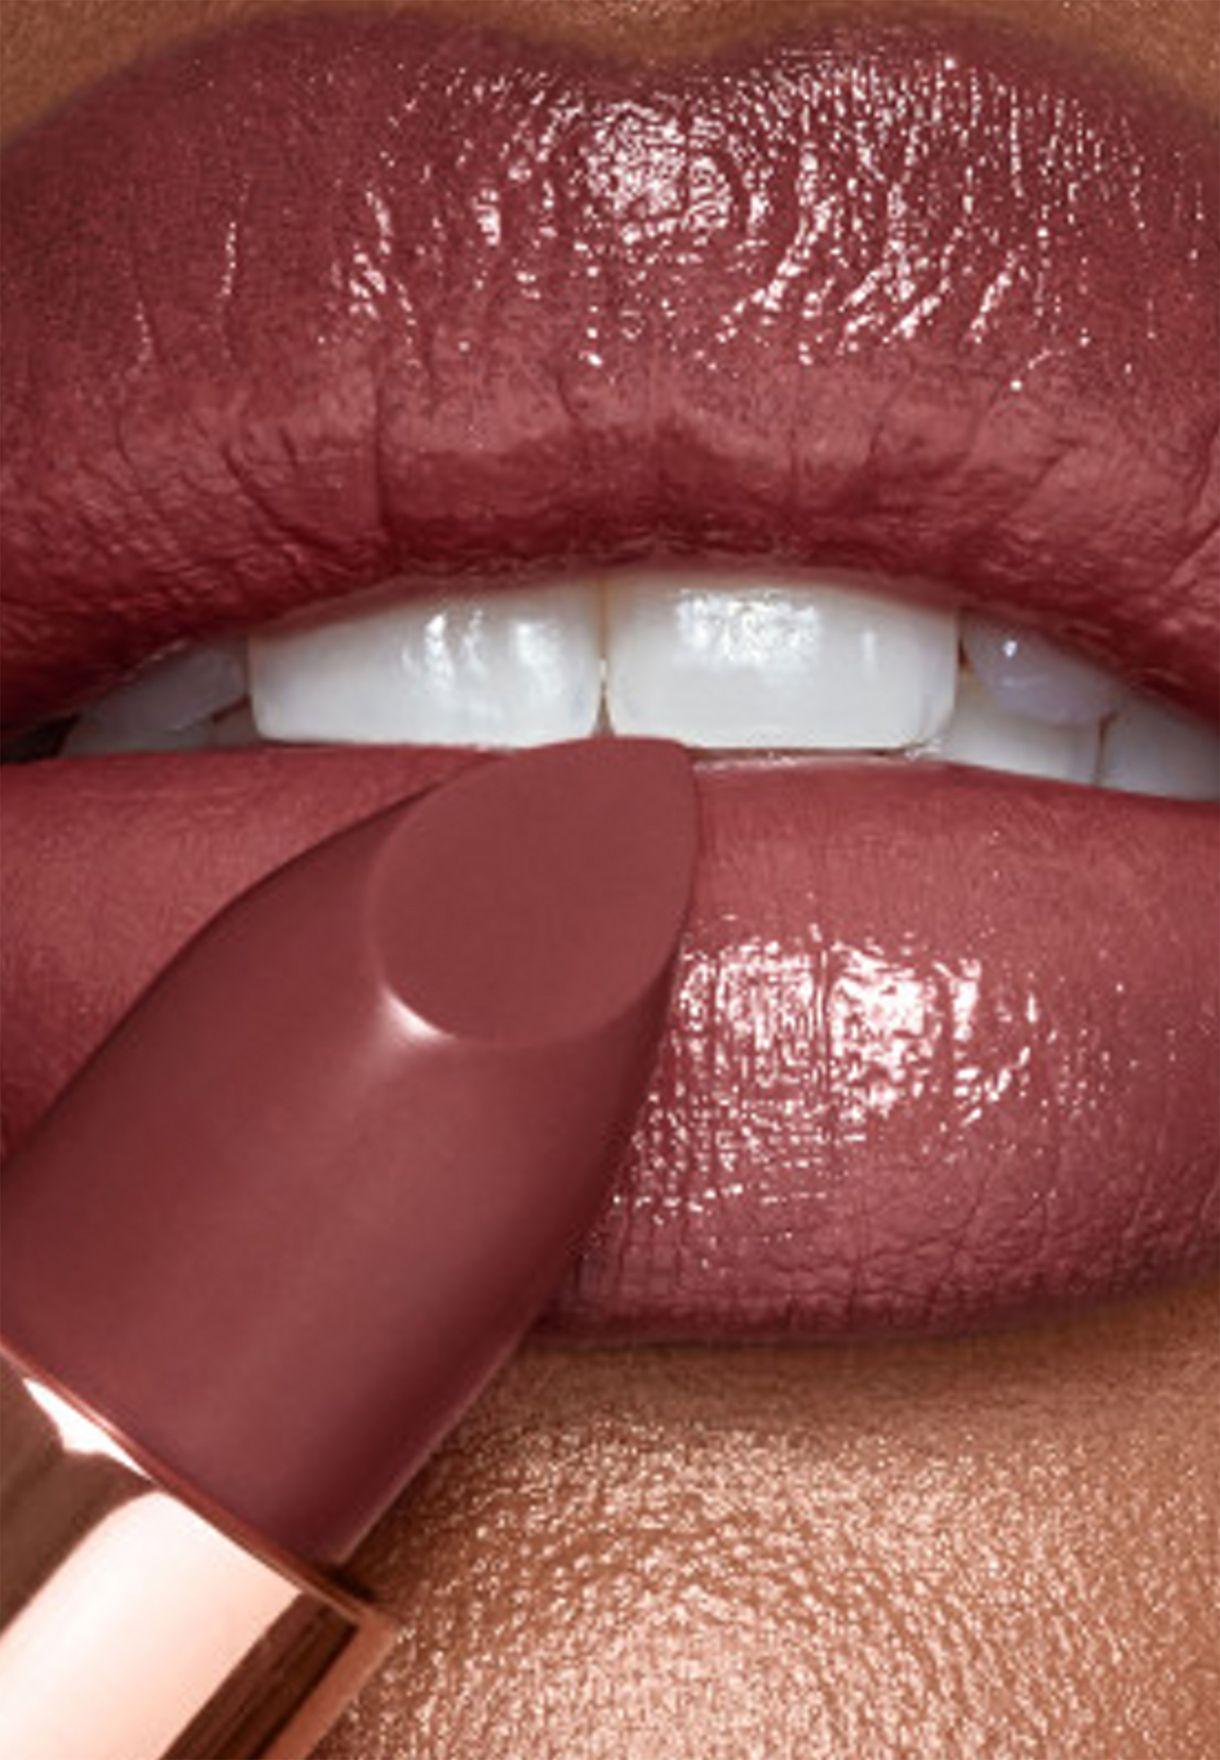 K.I.S.S.I.N.G - Pillow Talk Deep Lipstick